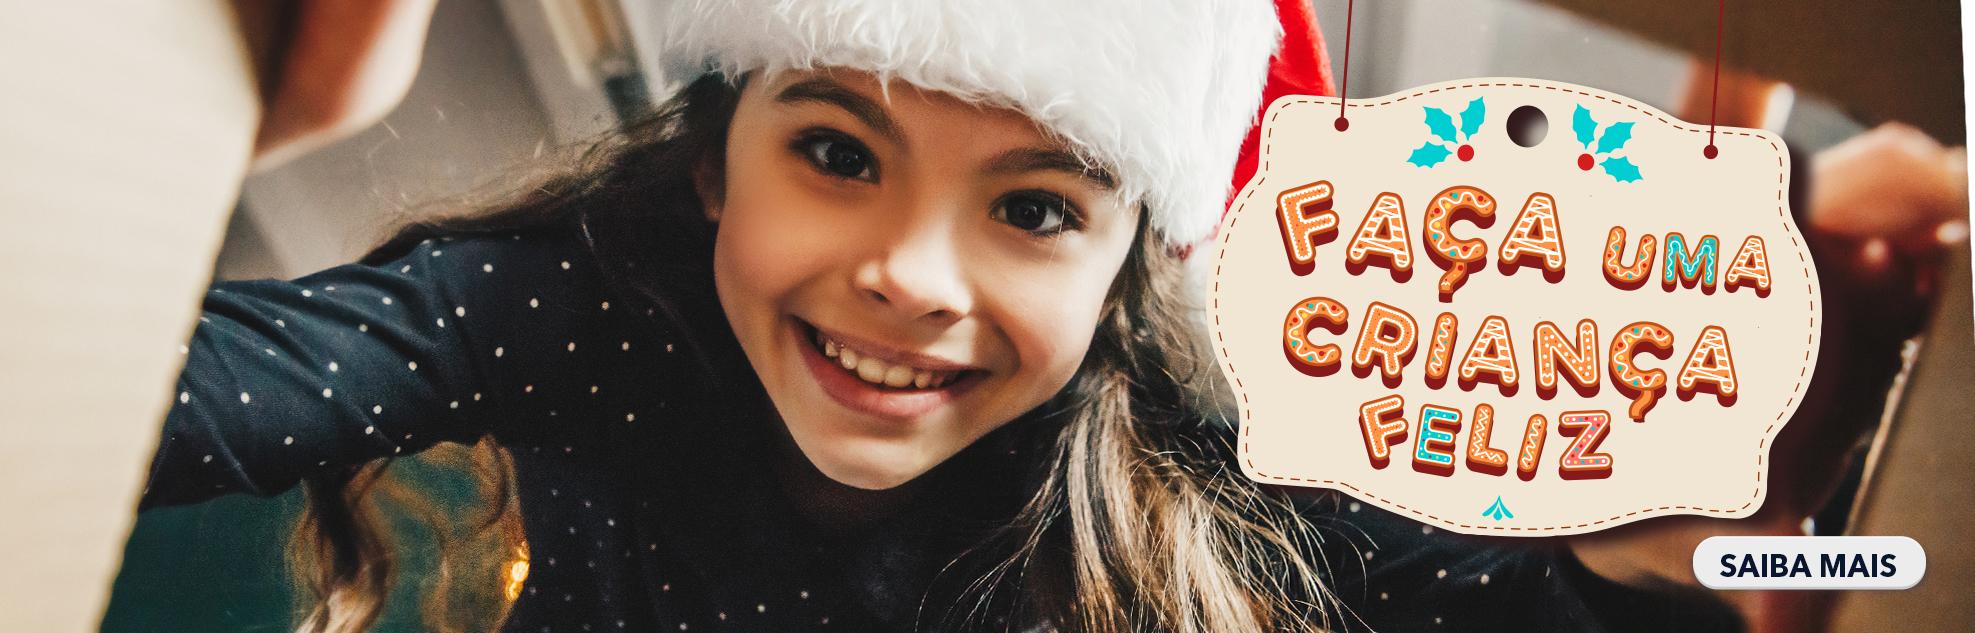 Ação Solidária FDSM - Papai Noel dos Correios 2019